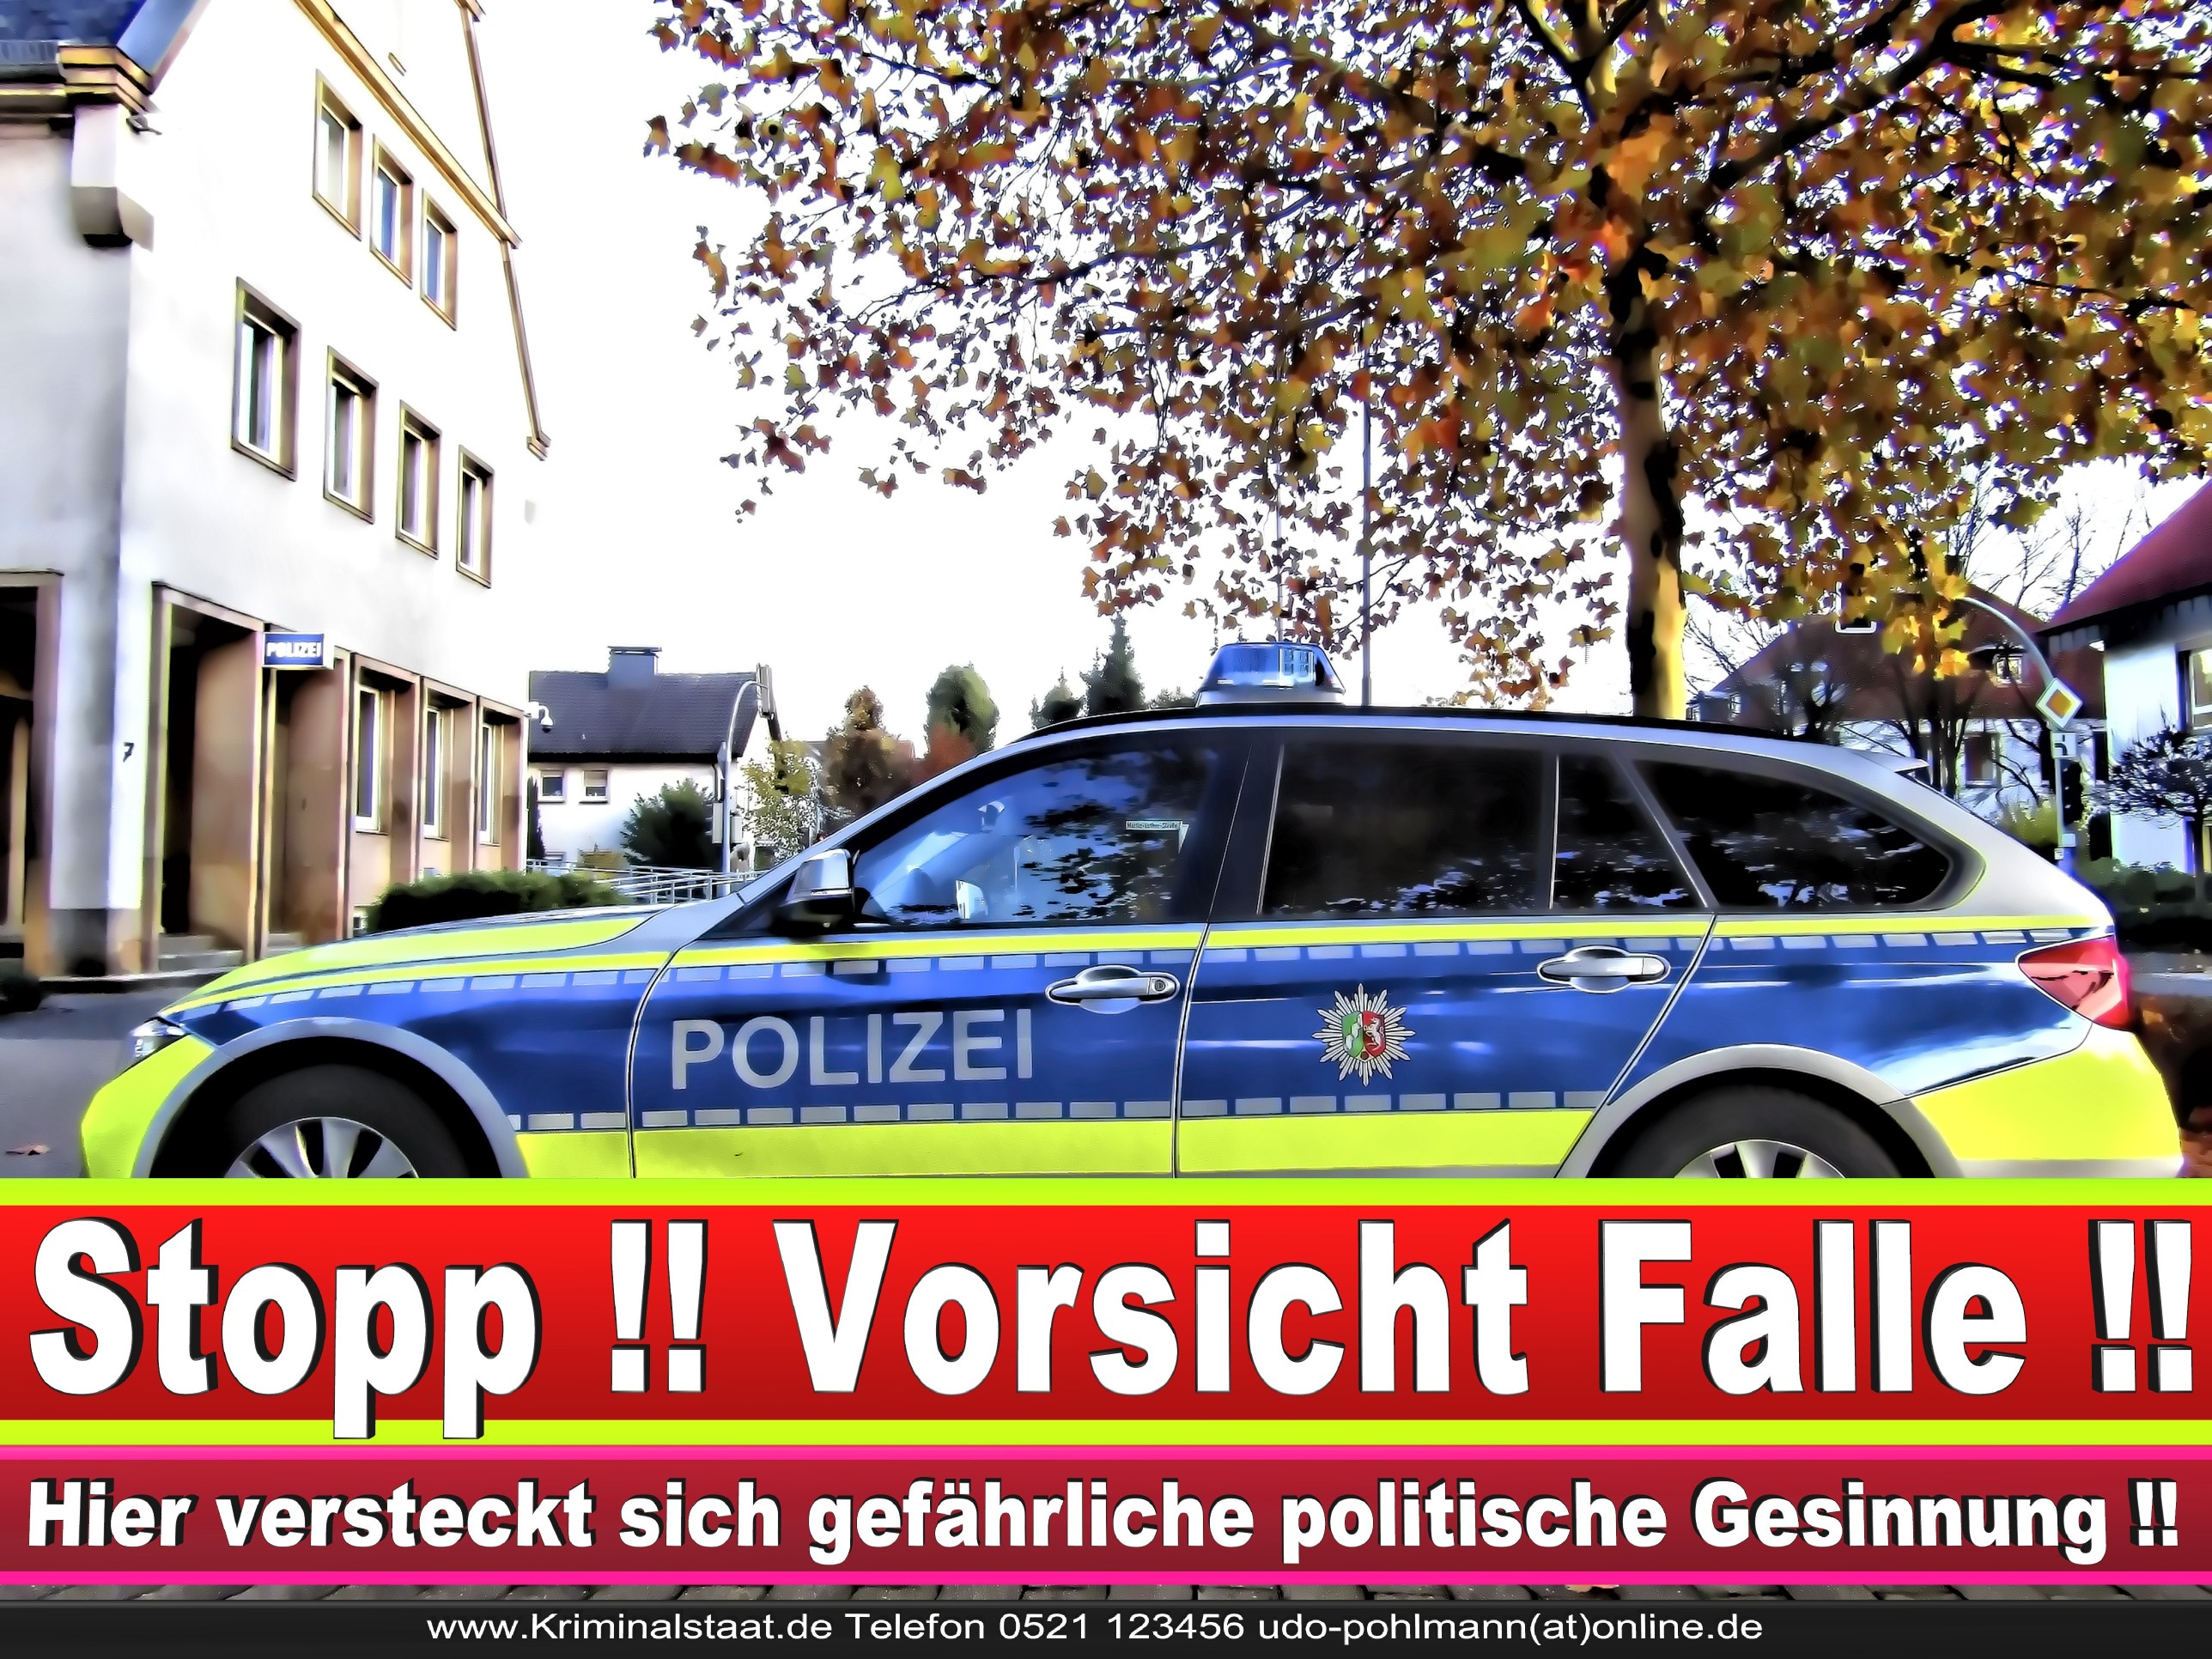 Polizei Halle Westfalen Kättkenstraße 7 33790 Halle Westfalen 5